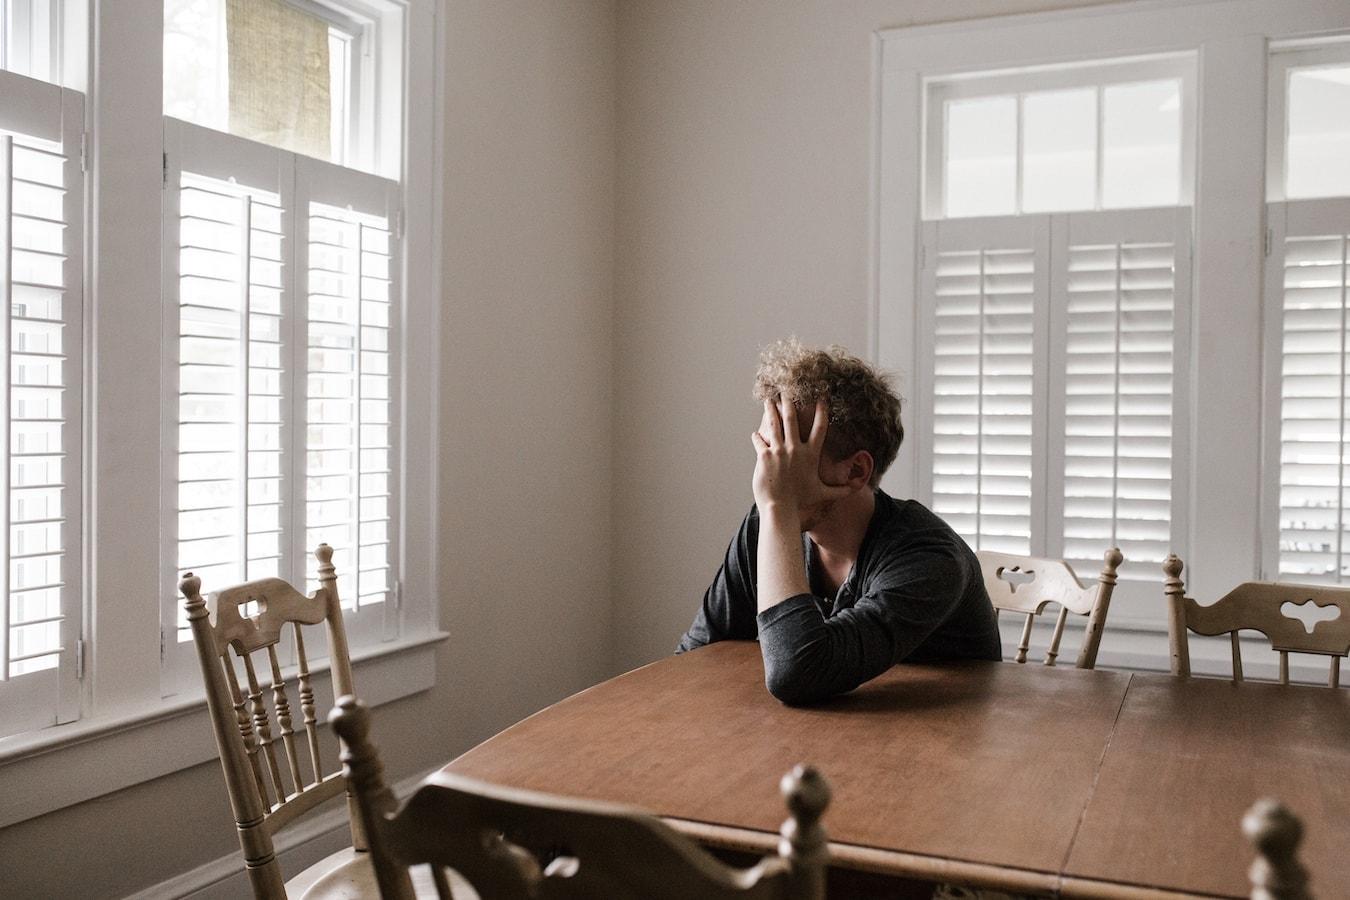 Junger Mann sitzt nachdenklich am Tisch Selbstsabotage Angstzustände Stress